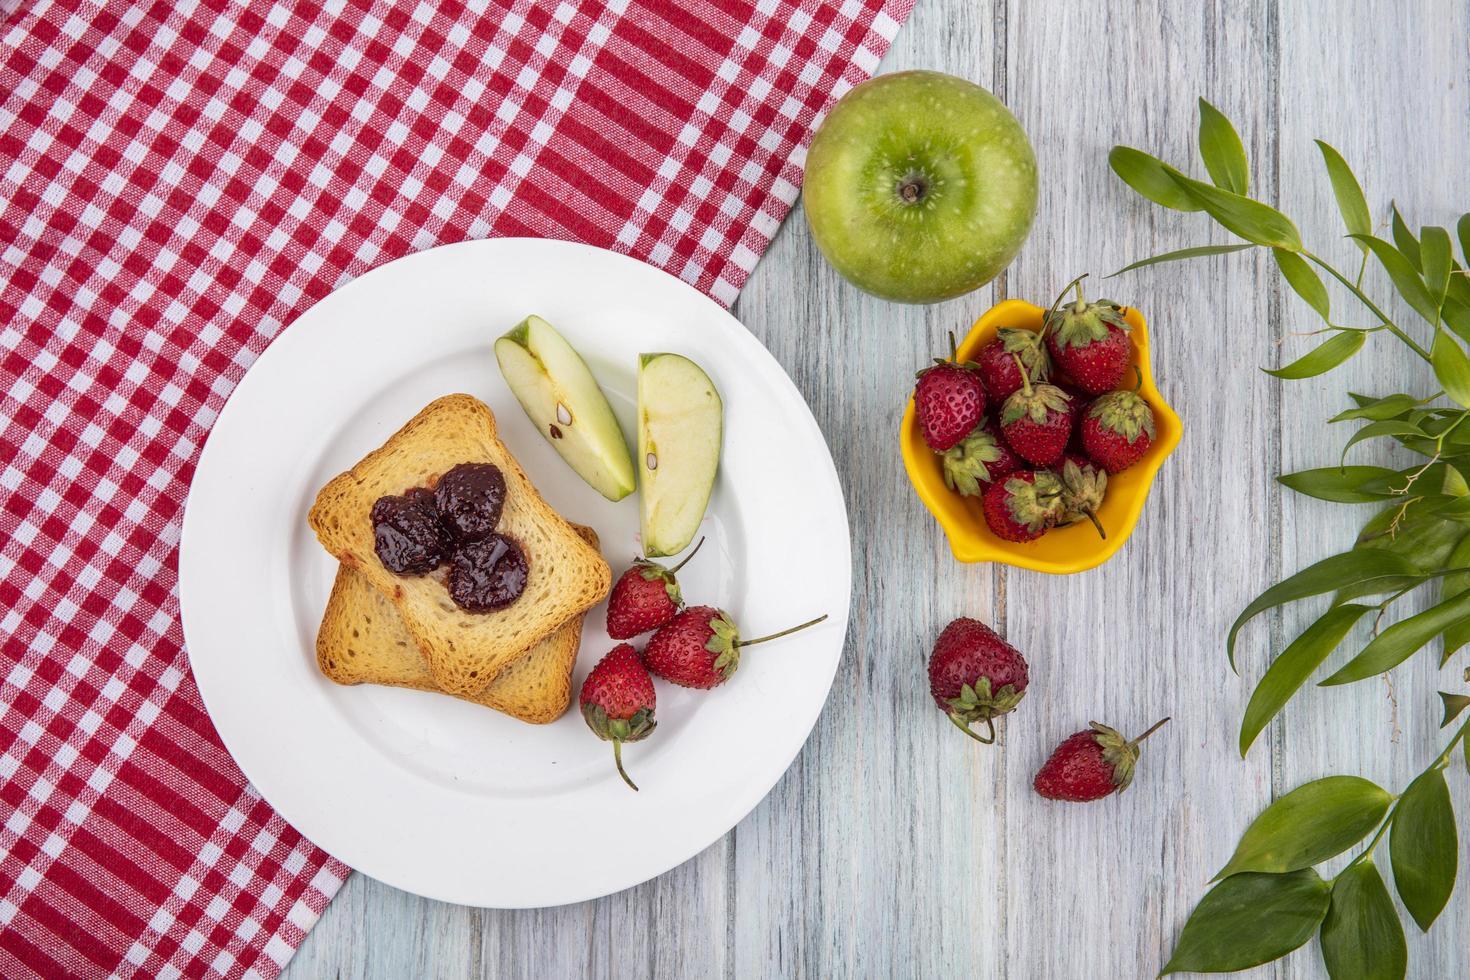 toast con frutta sul panno plaid rosso su fondo in legno foto